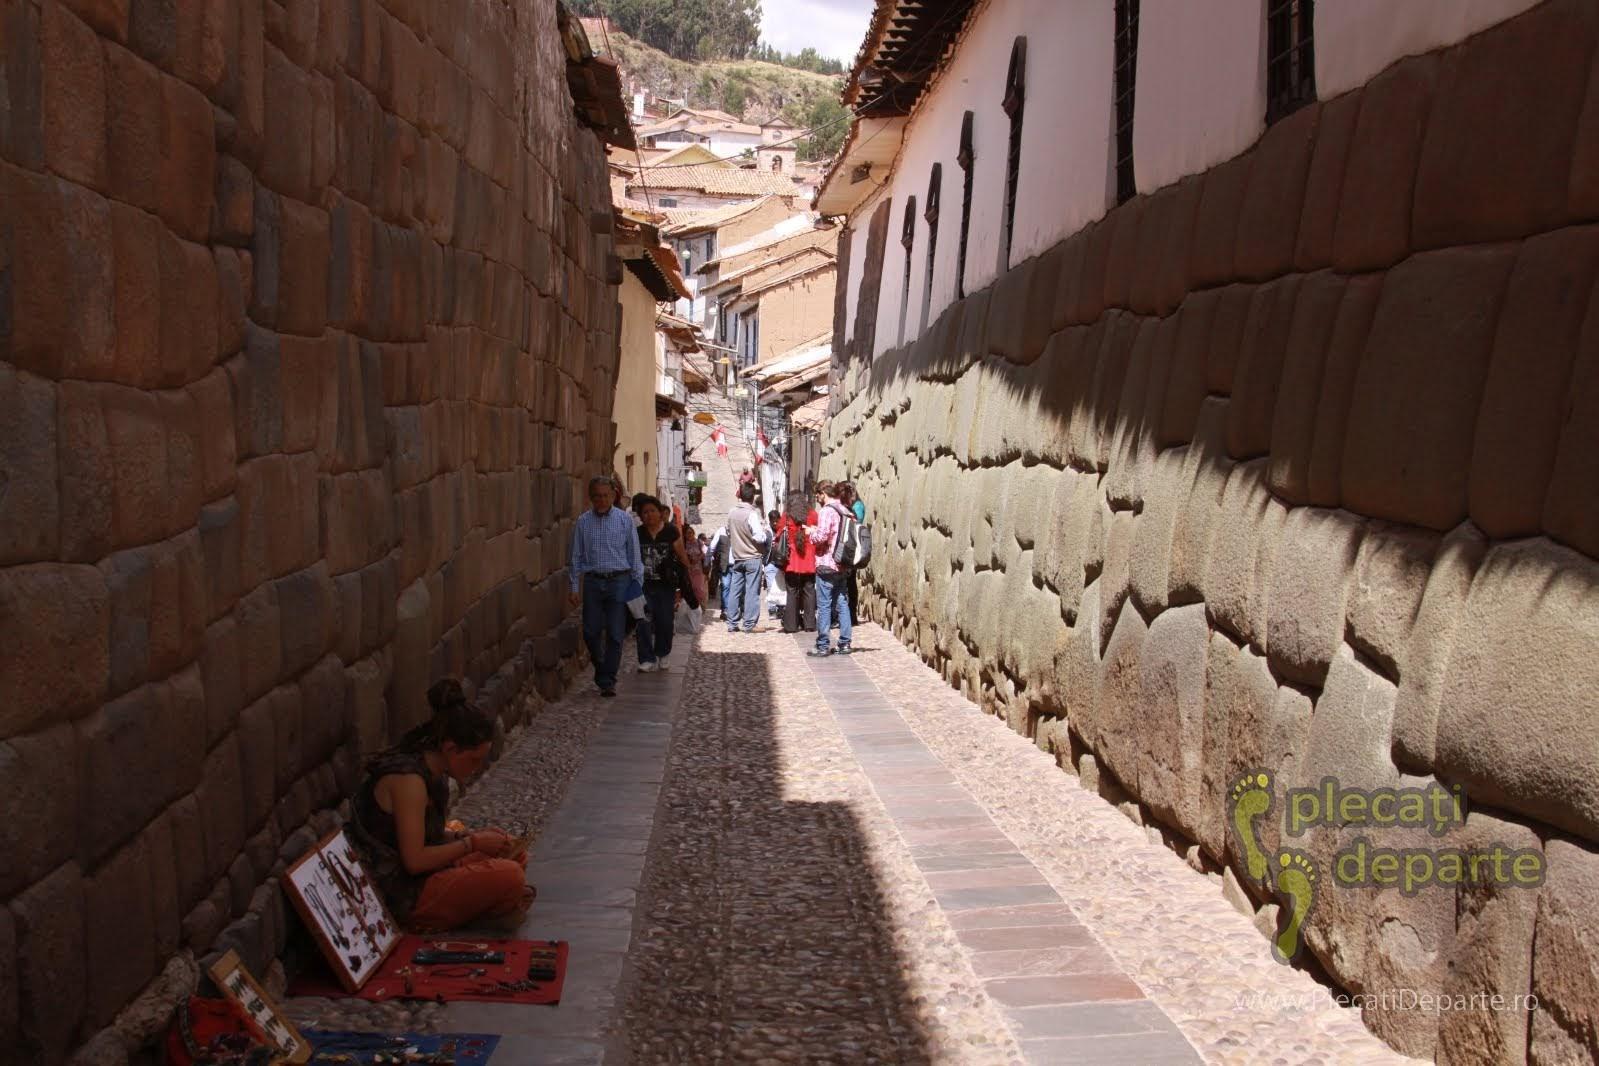 strada Hatunrumiyoc unde se gaseste Piatra cu 12 unghiuri sau colturi, din Cusco, Peru